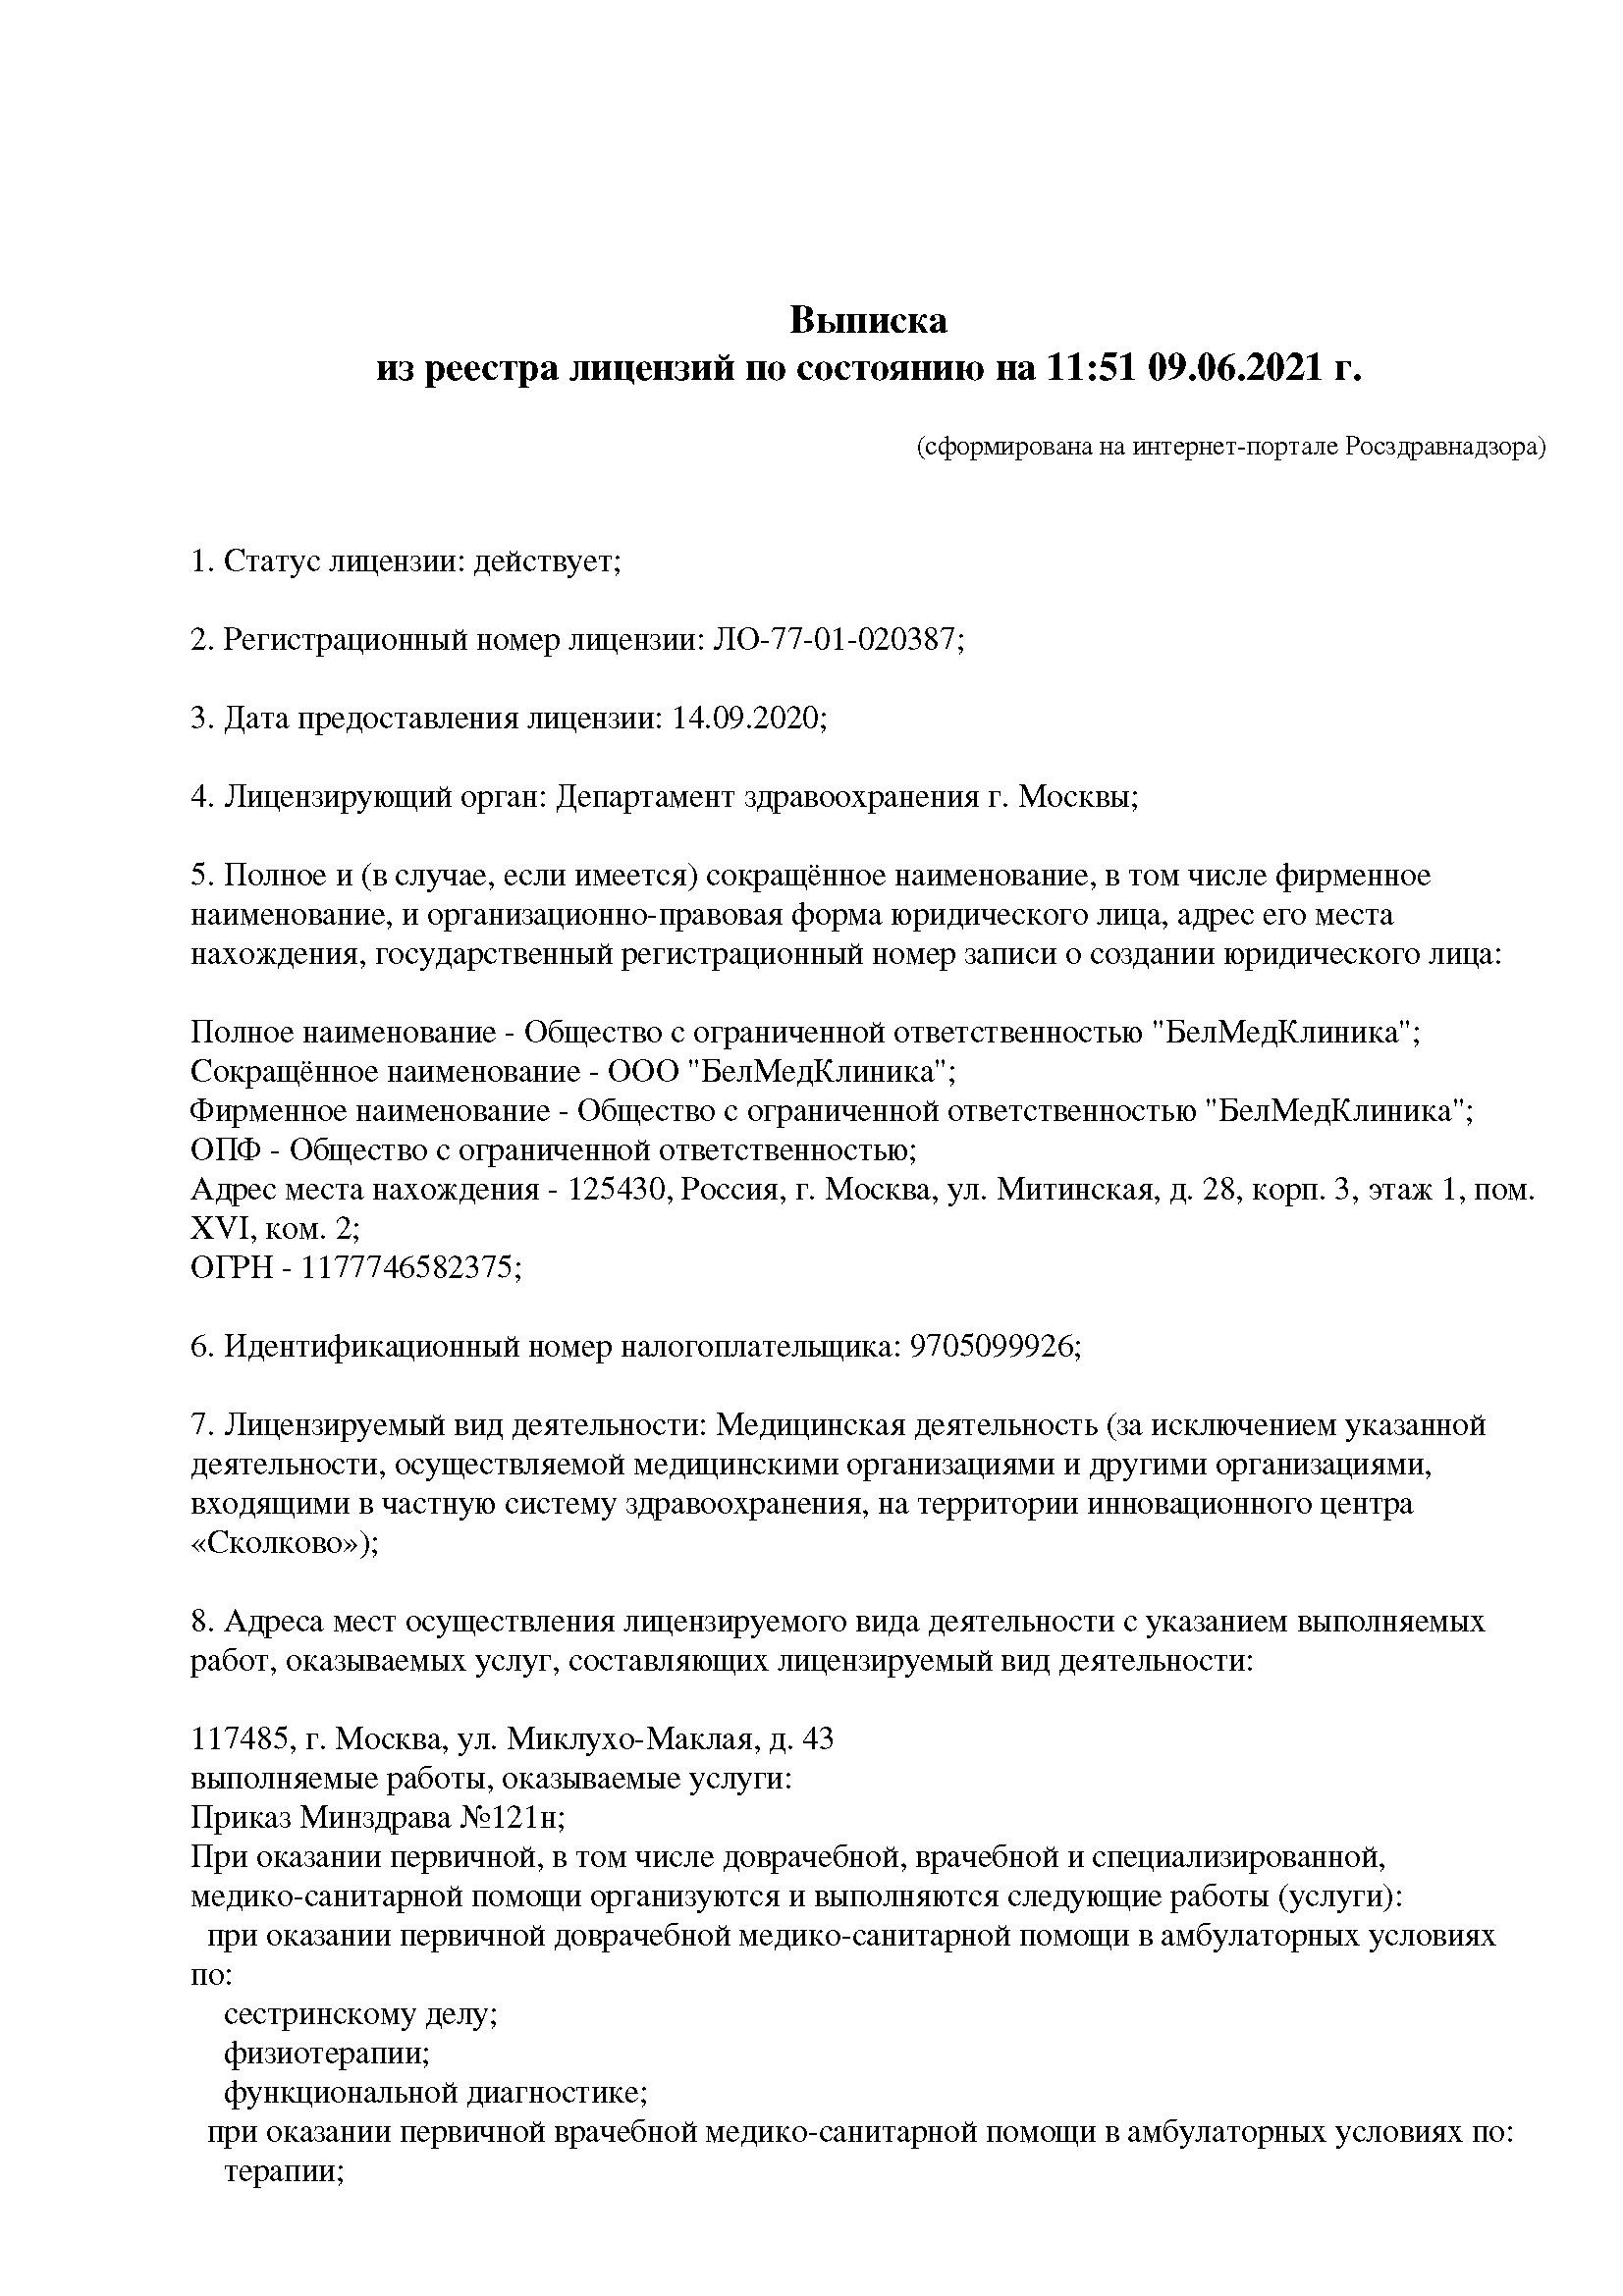 Выписка из реестра ООО «БелМедКлиника» - страница 1